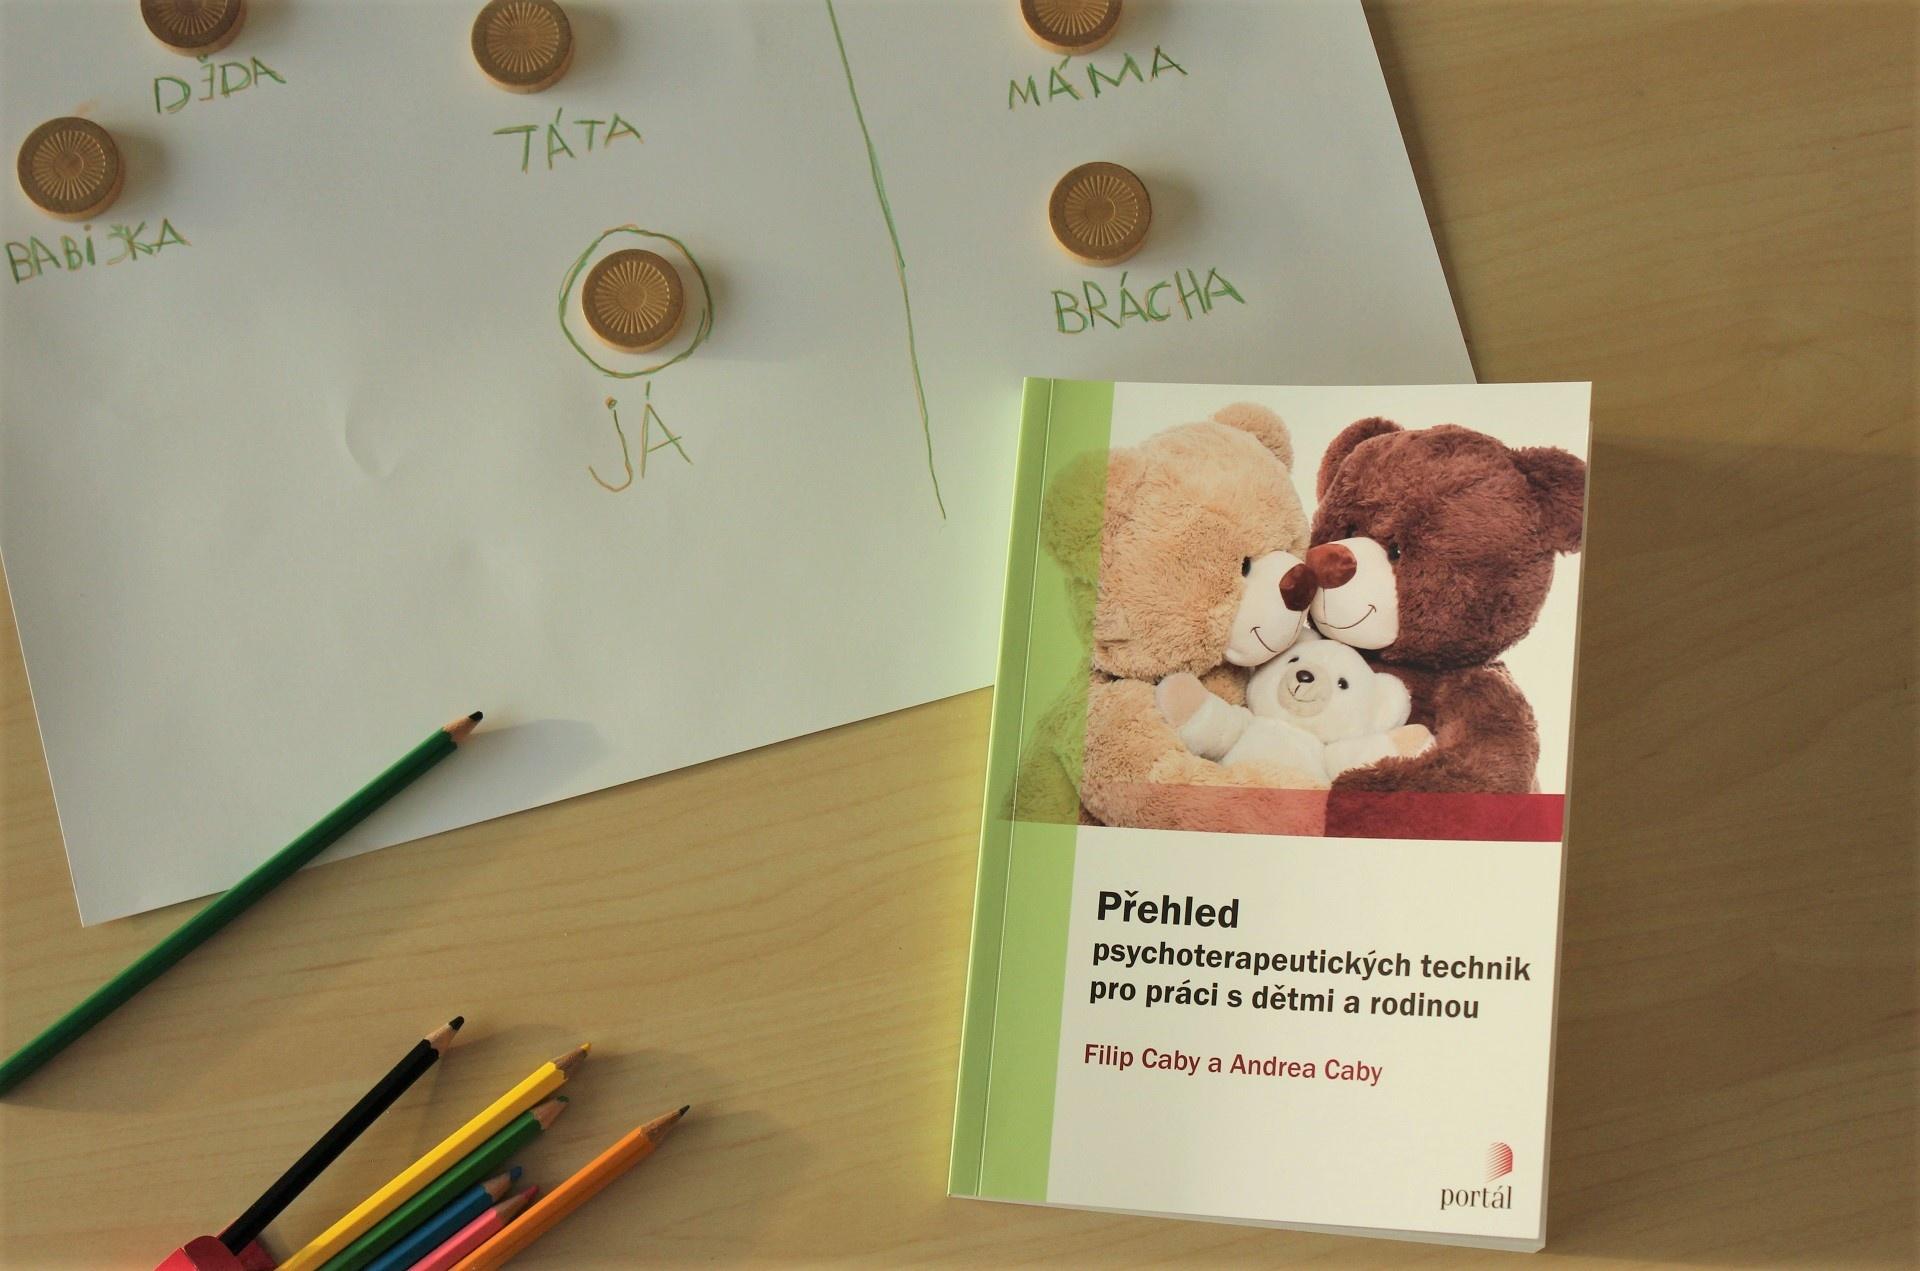 Přehled psychoterapeutických technik pro práci s dětmi a rodinou Caby, Filip; Caby, Andrea